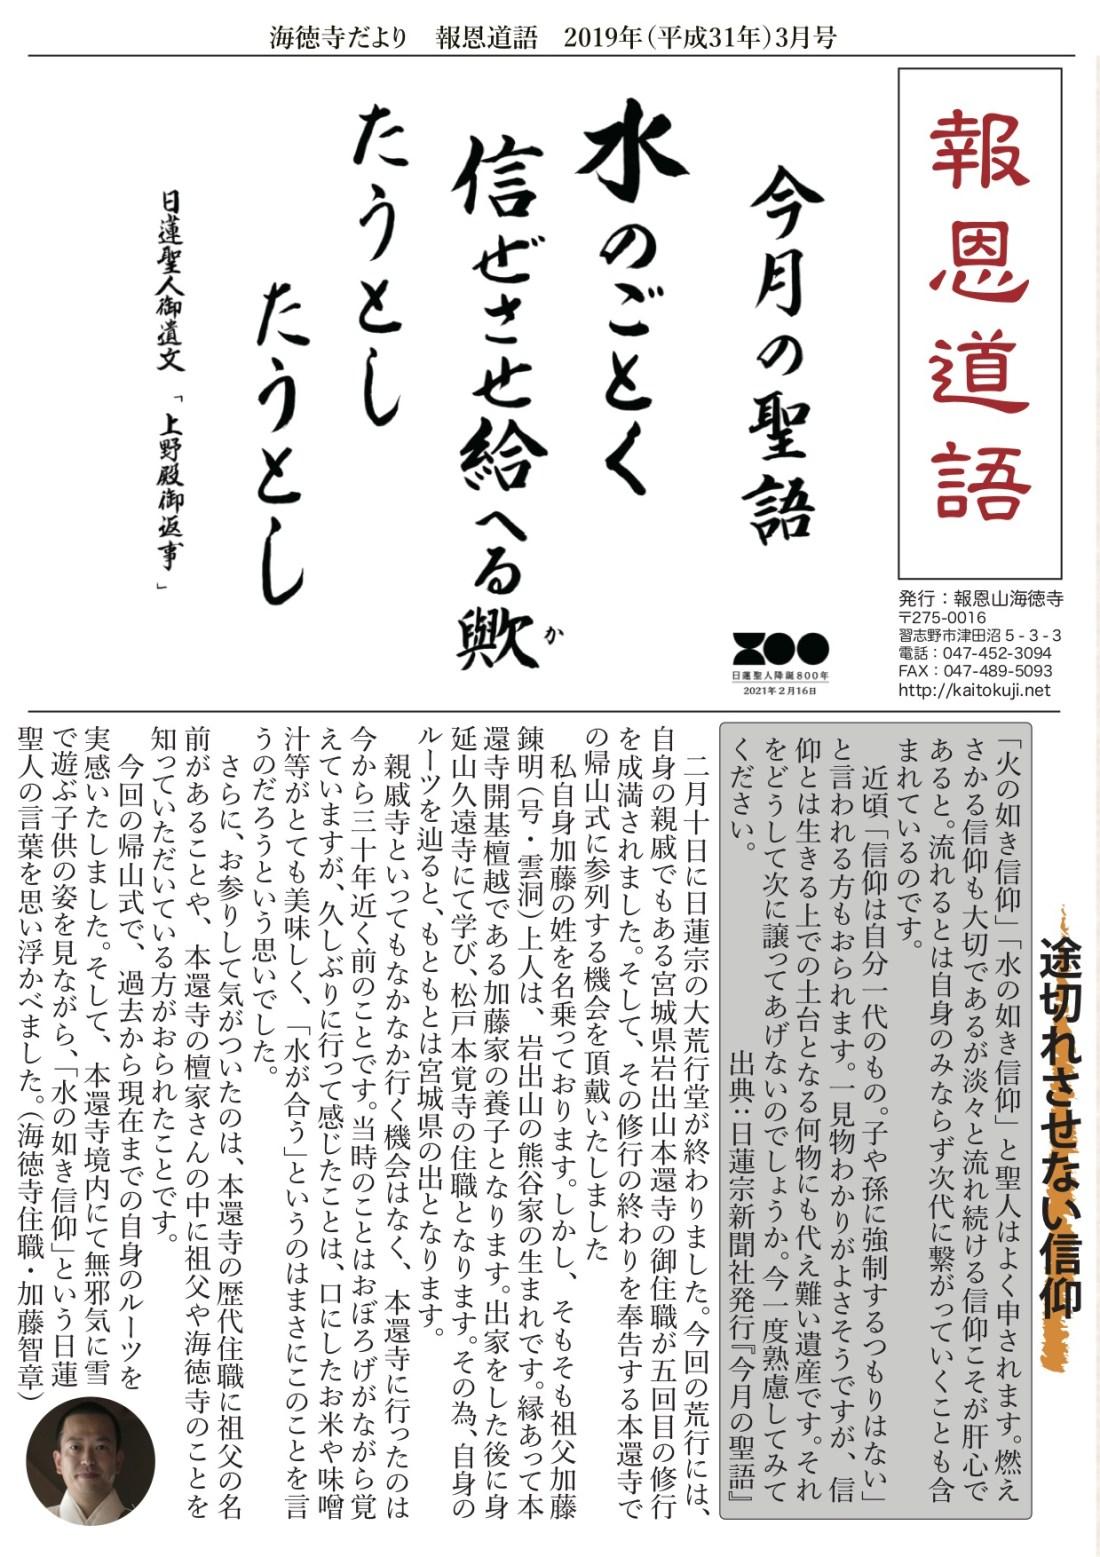 報恩道語表紙(平成31年3月号)1